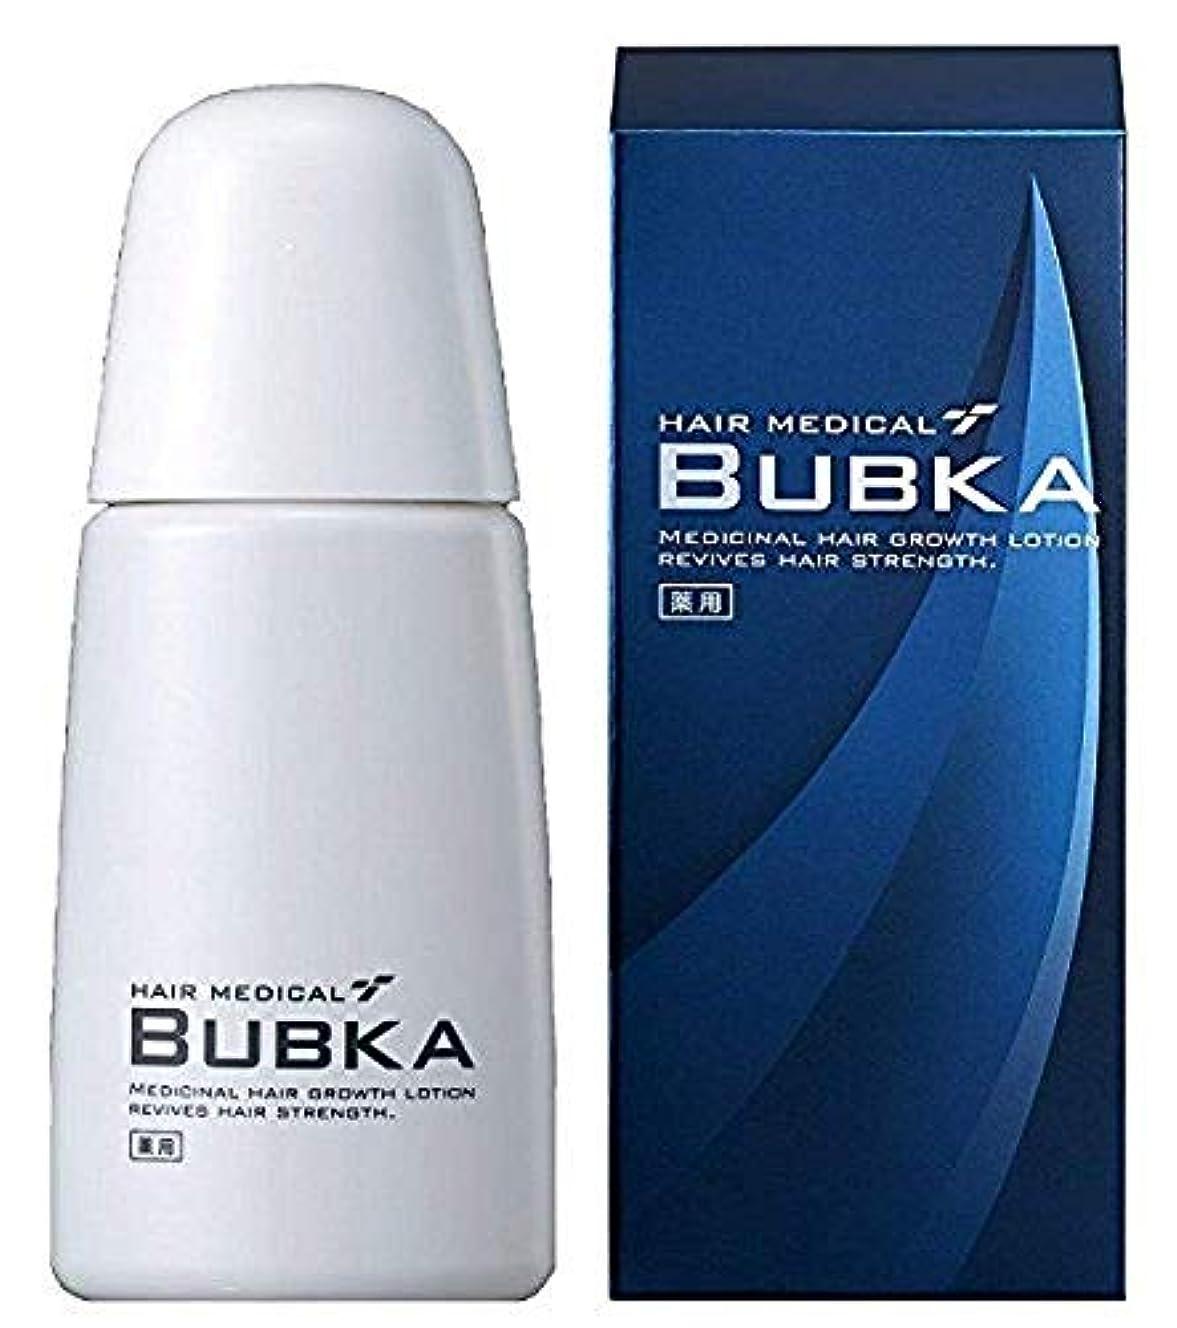 落ち込んでいる確かめるミュート【BUBKA ブブカ 】新型 濃密育毛剤 ブブカ-003M (内容量:120ml 約1ヶ月分)(医薬部外品)